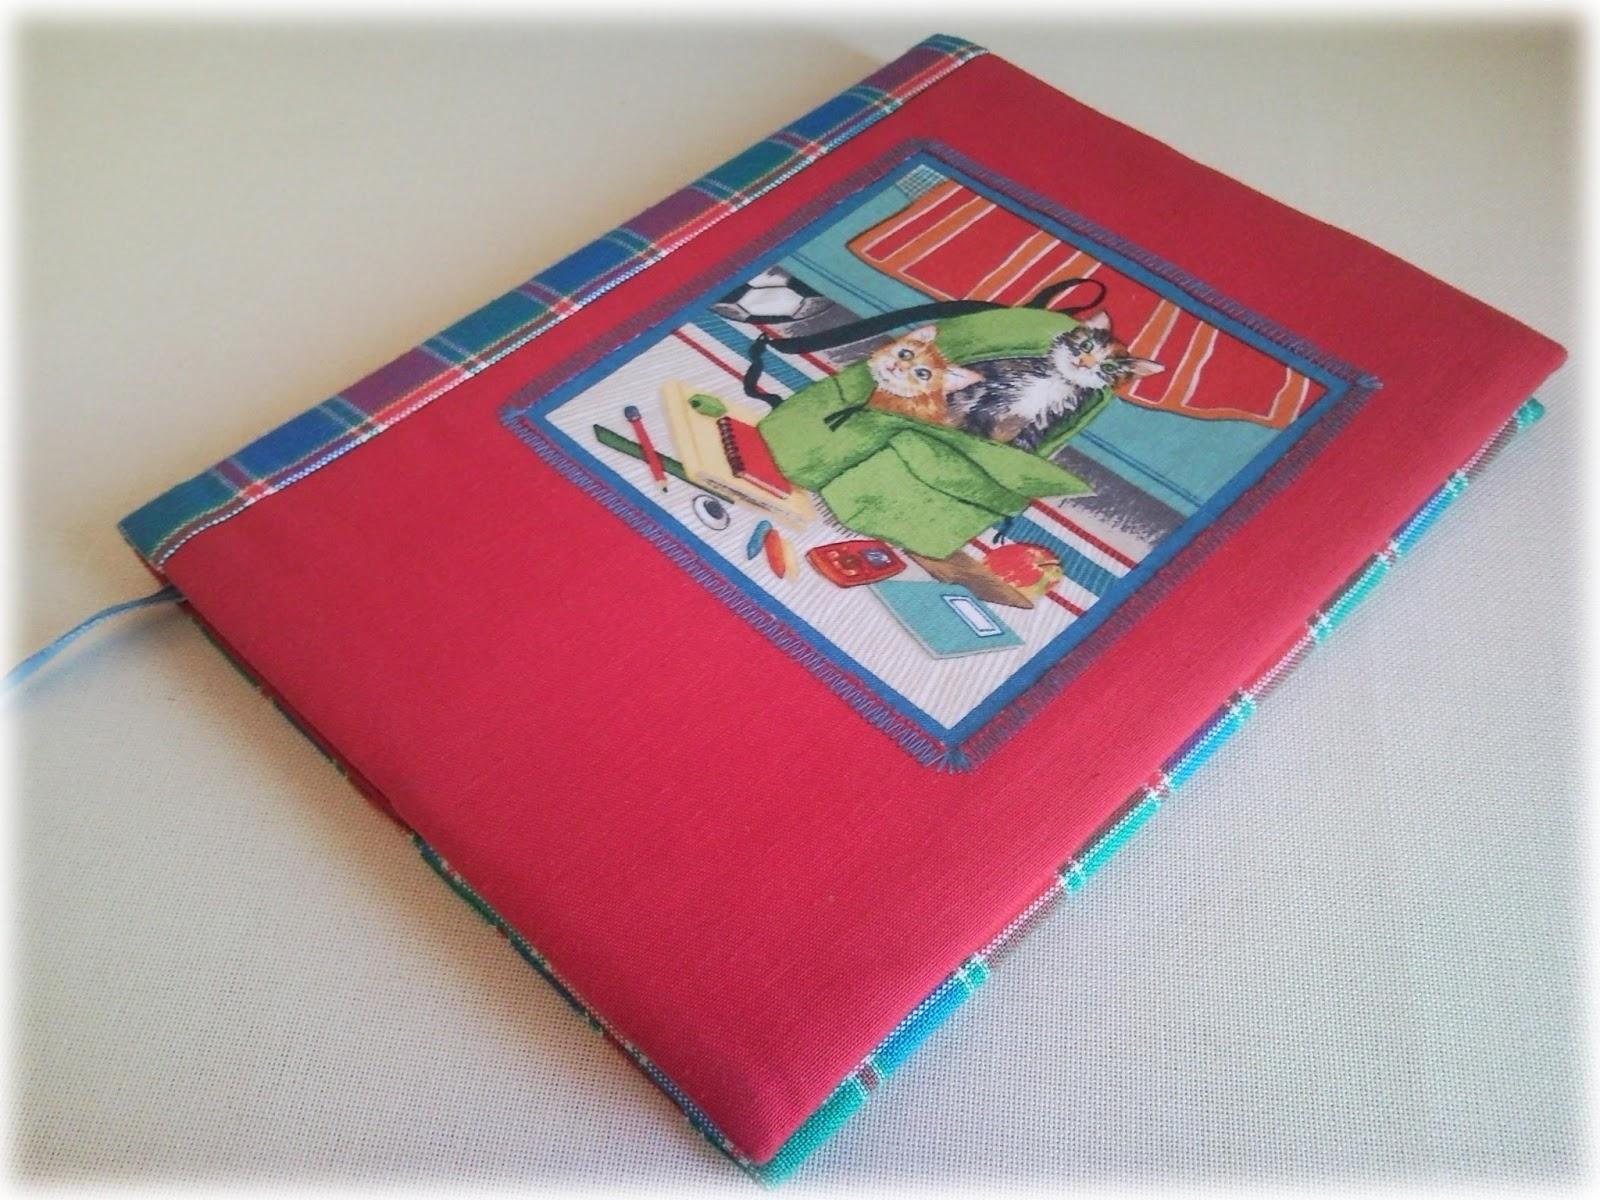 Обложка на школьный дневник своими руками фото